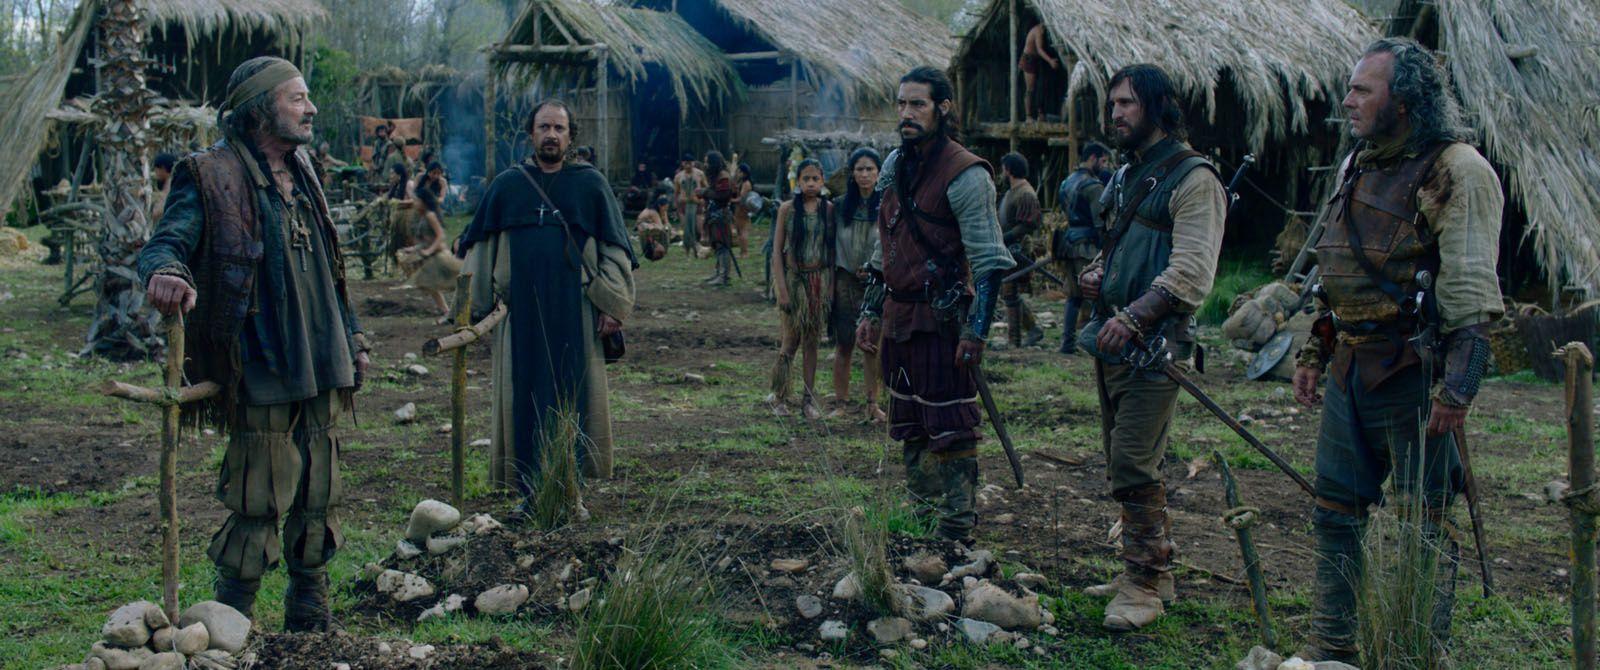 Oro la cité perdue (BANDE-ANNONCE VF) de Agustín Díaz Yanes - En DVD, Blu-ray et VOD le 1er août 2018